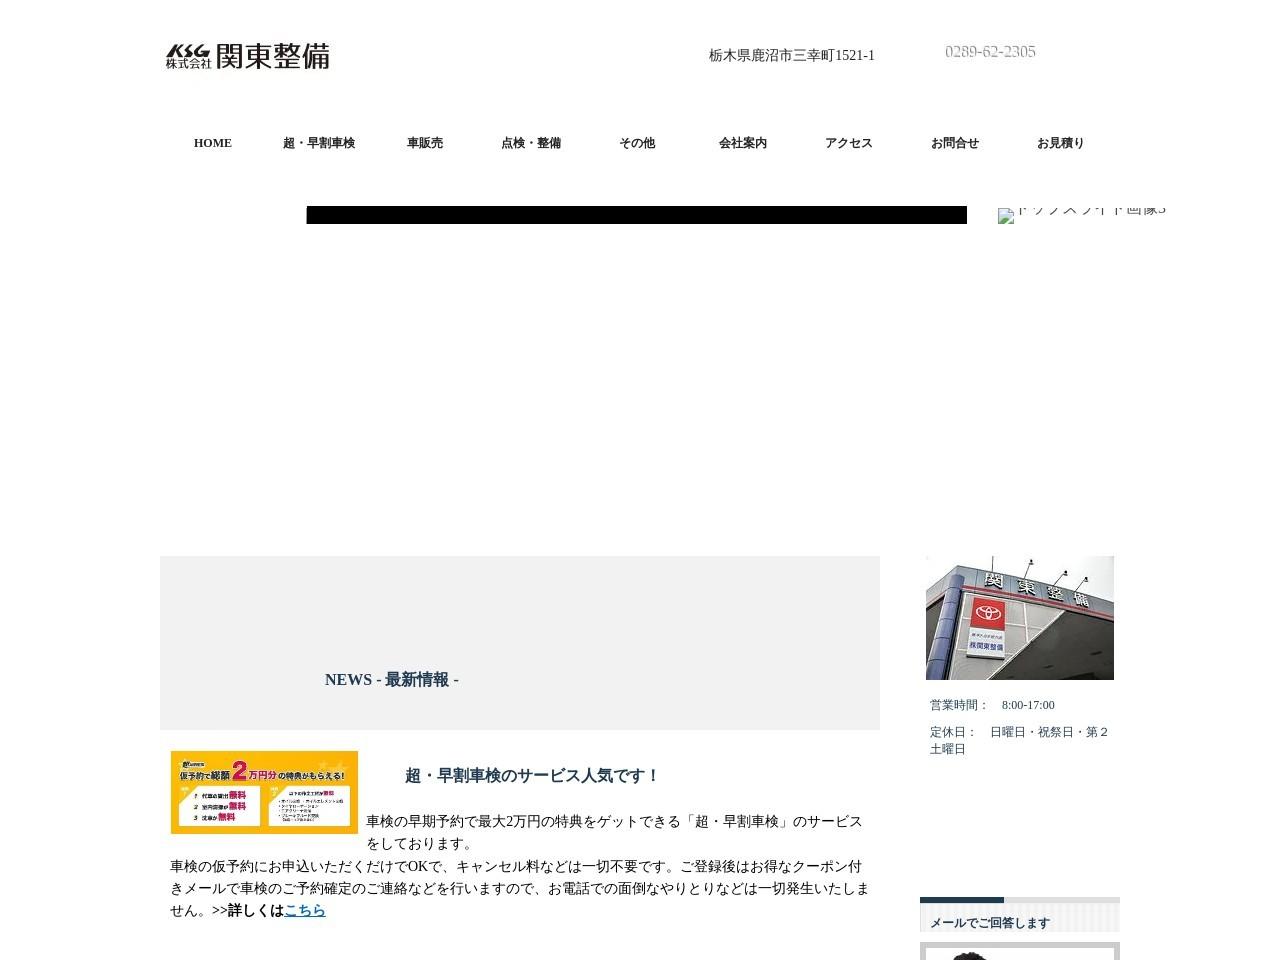 株式会社関東整備